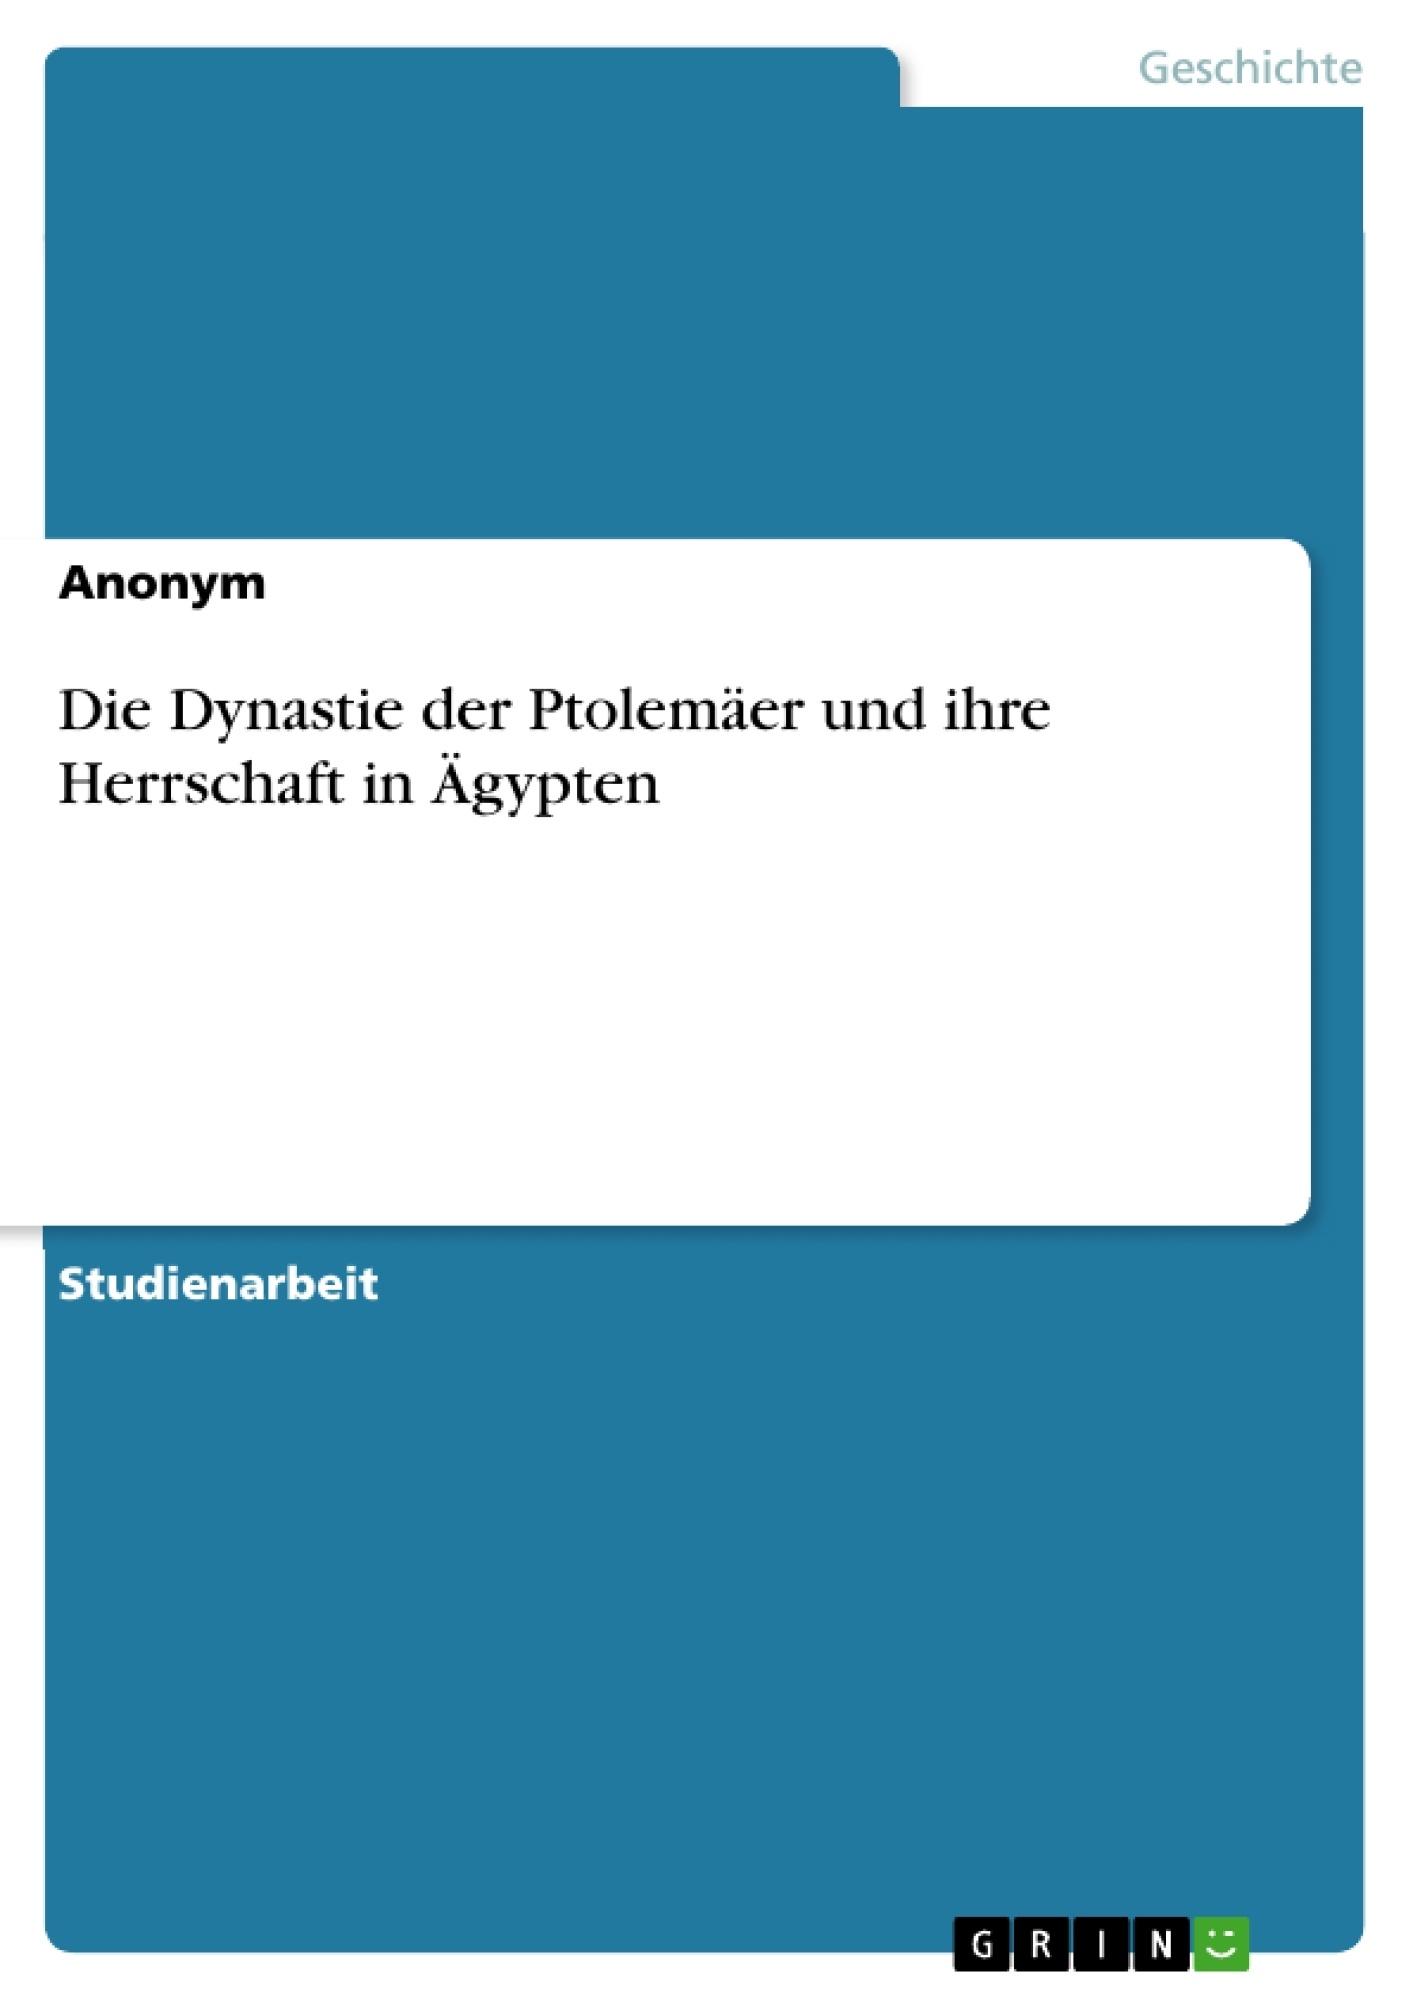 Titel: Die Dynastie der Ptolemäer und ihre Herrschaft in Ägypten